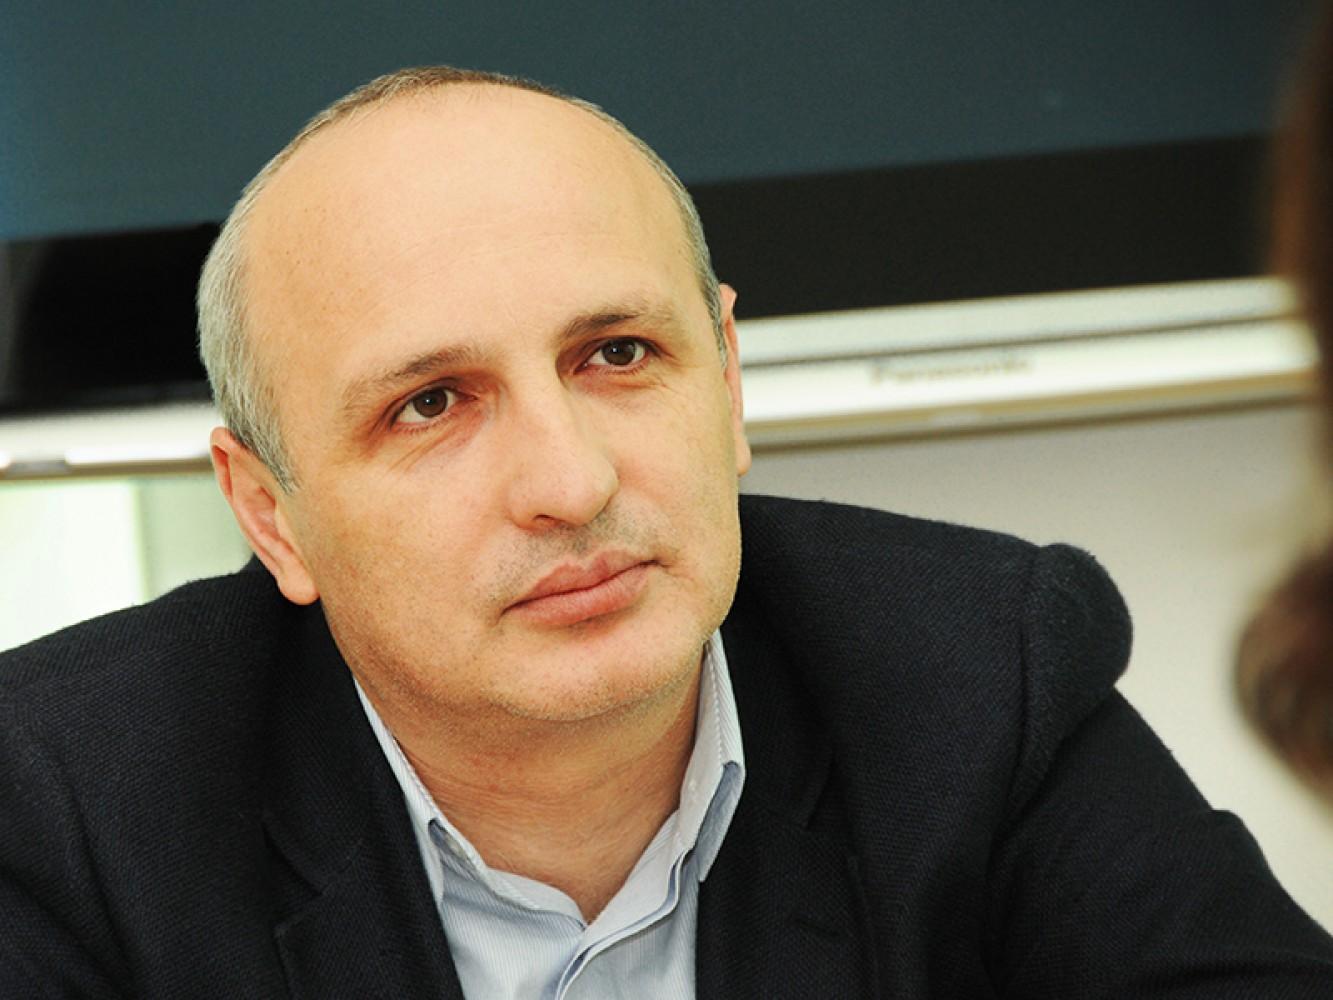 казино грузии мерабишвили